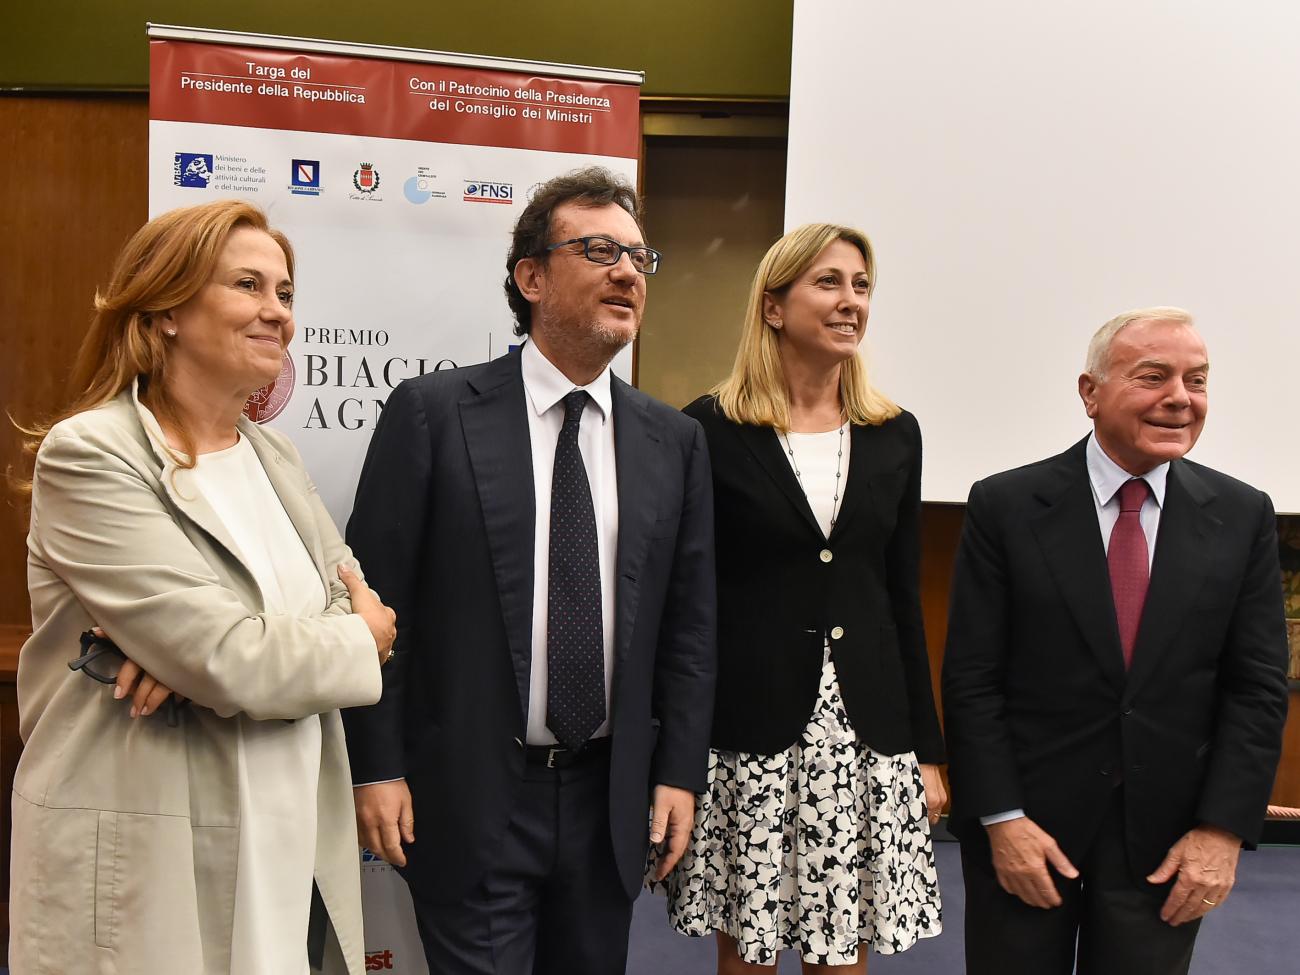 Biagio Agnes 2017